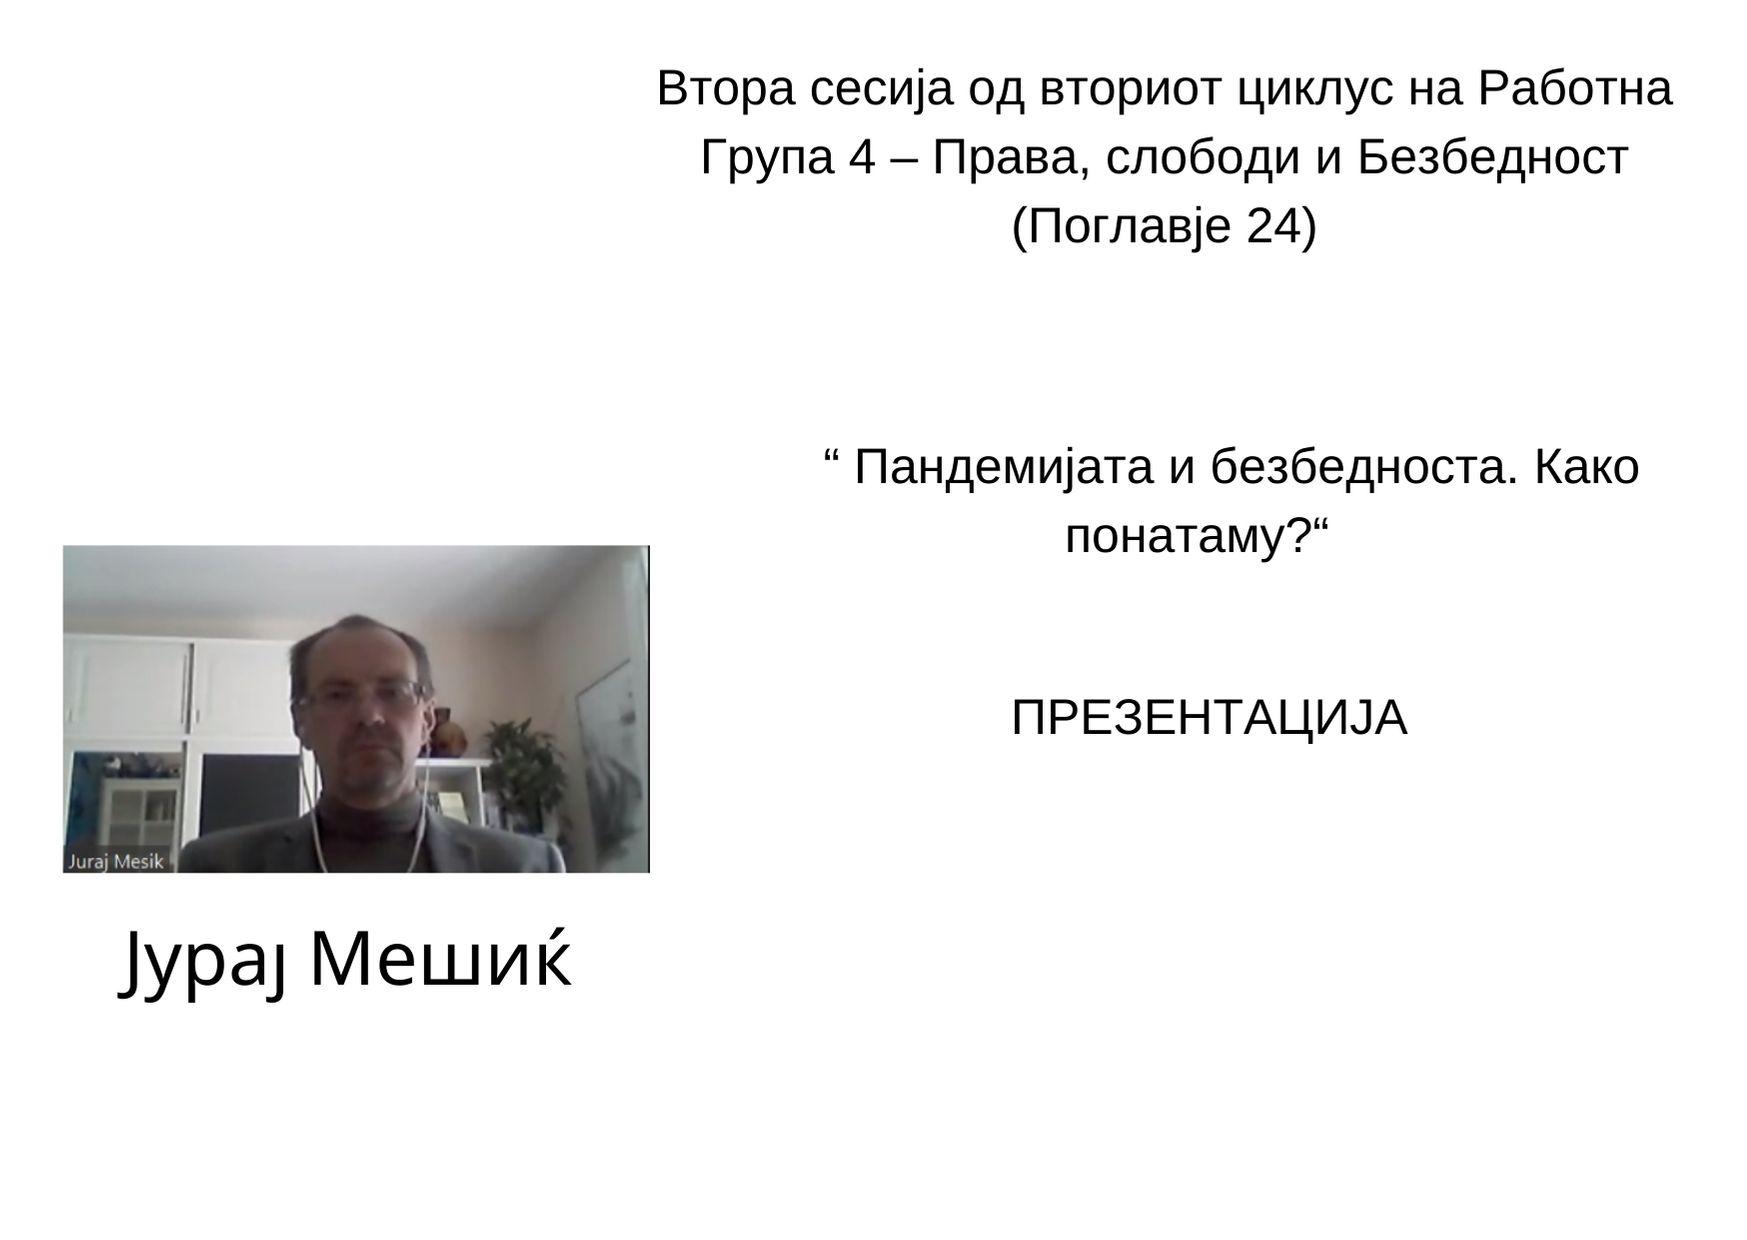 Јурај Мешиќ МК